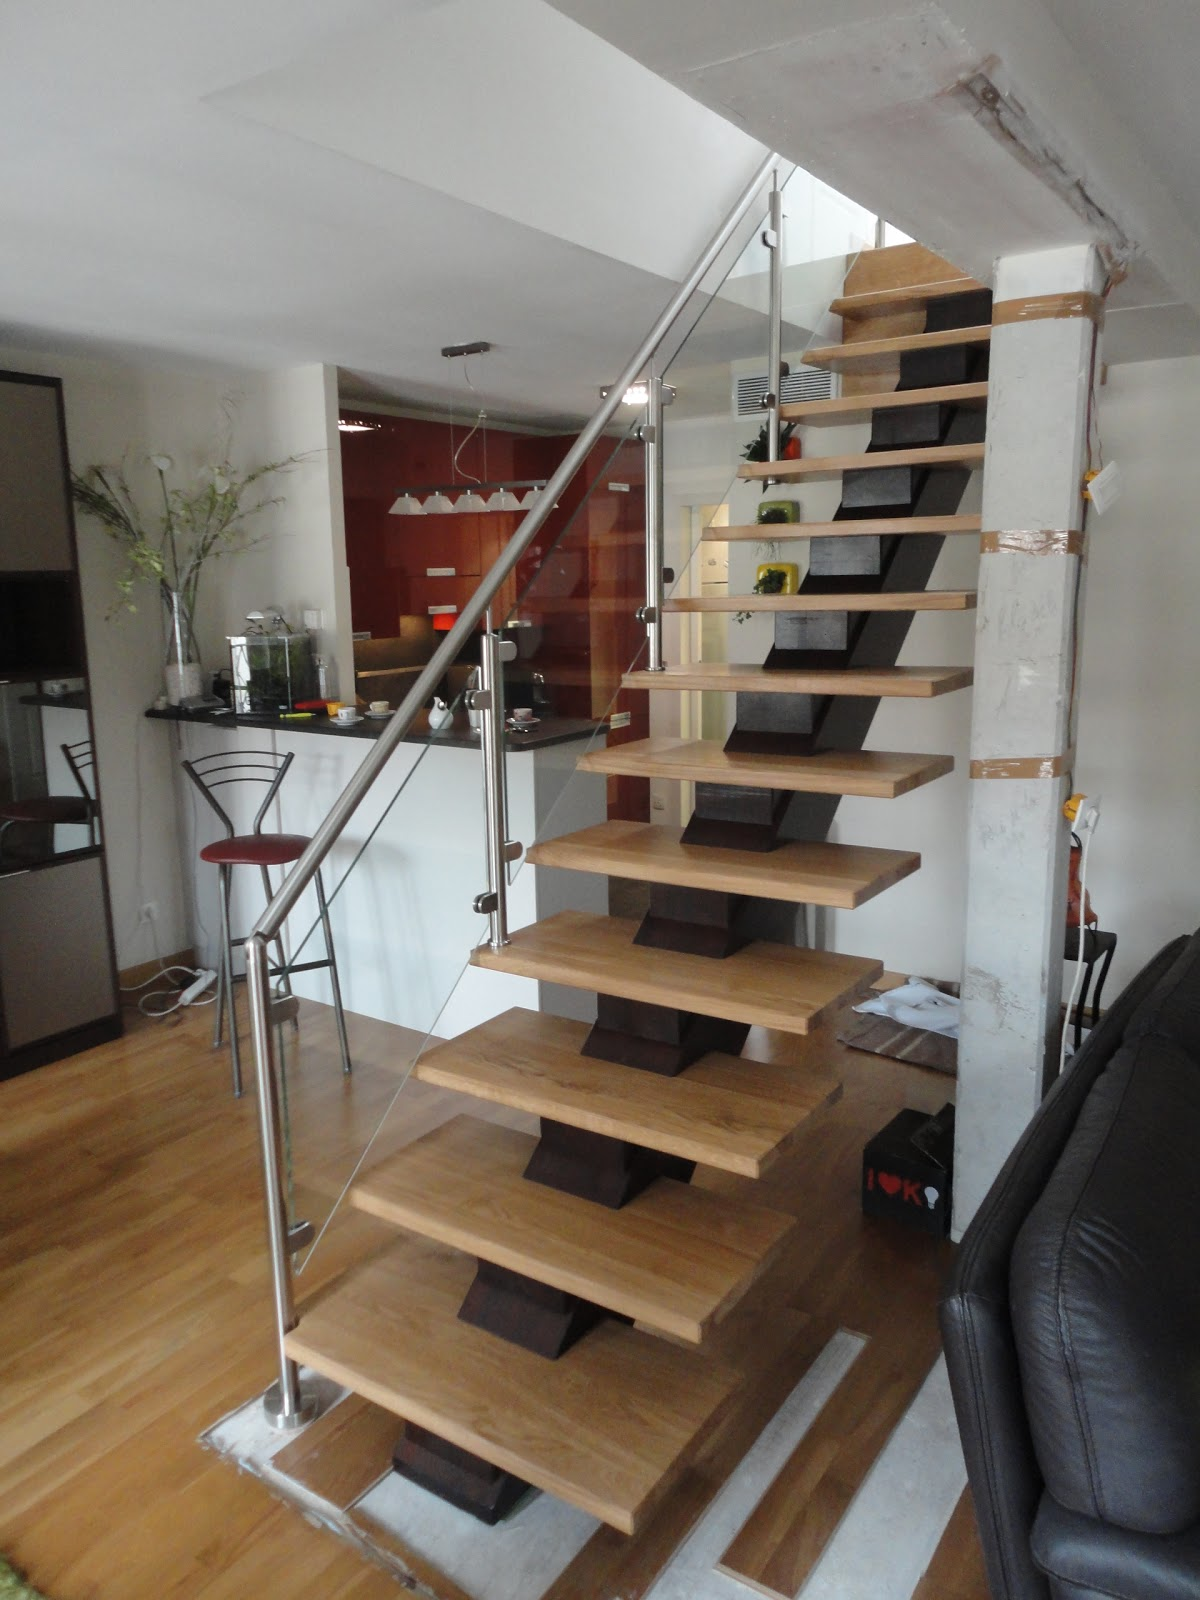 b nisterie matacchione et fils escalier en ch ne avec. Black Bedroom Furniture Sets. Home Design Ideas